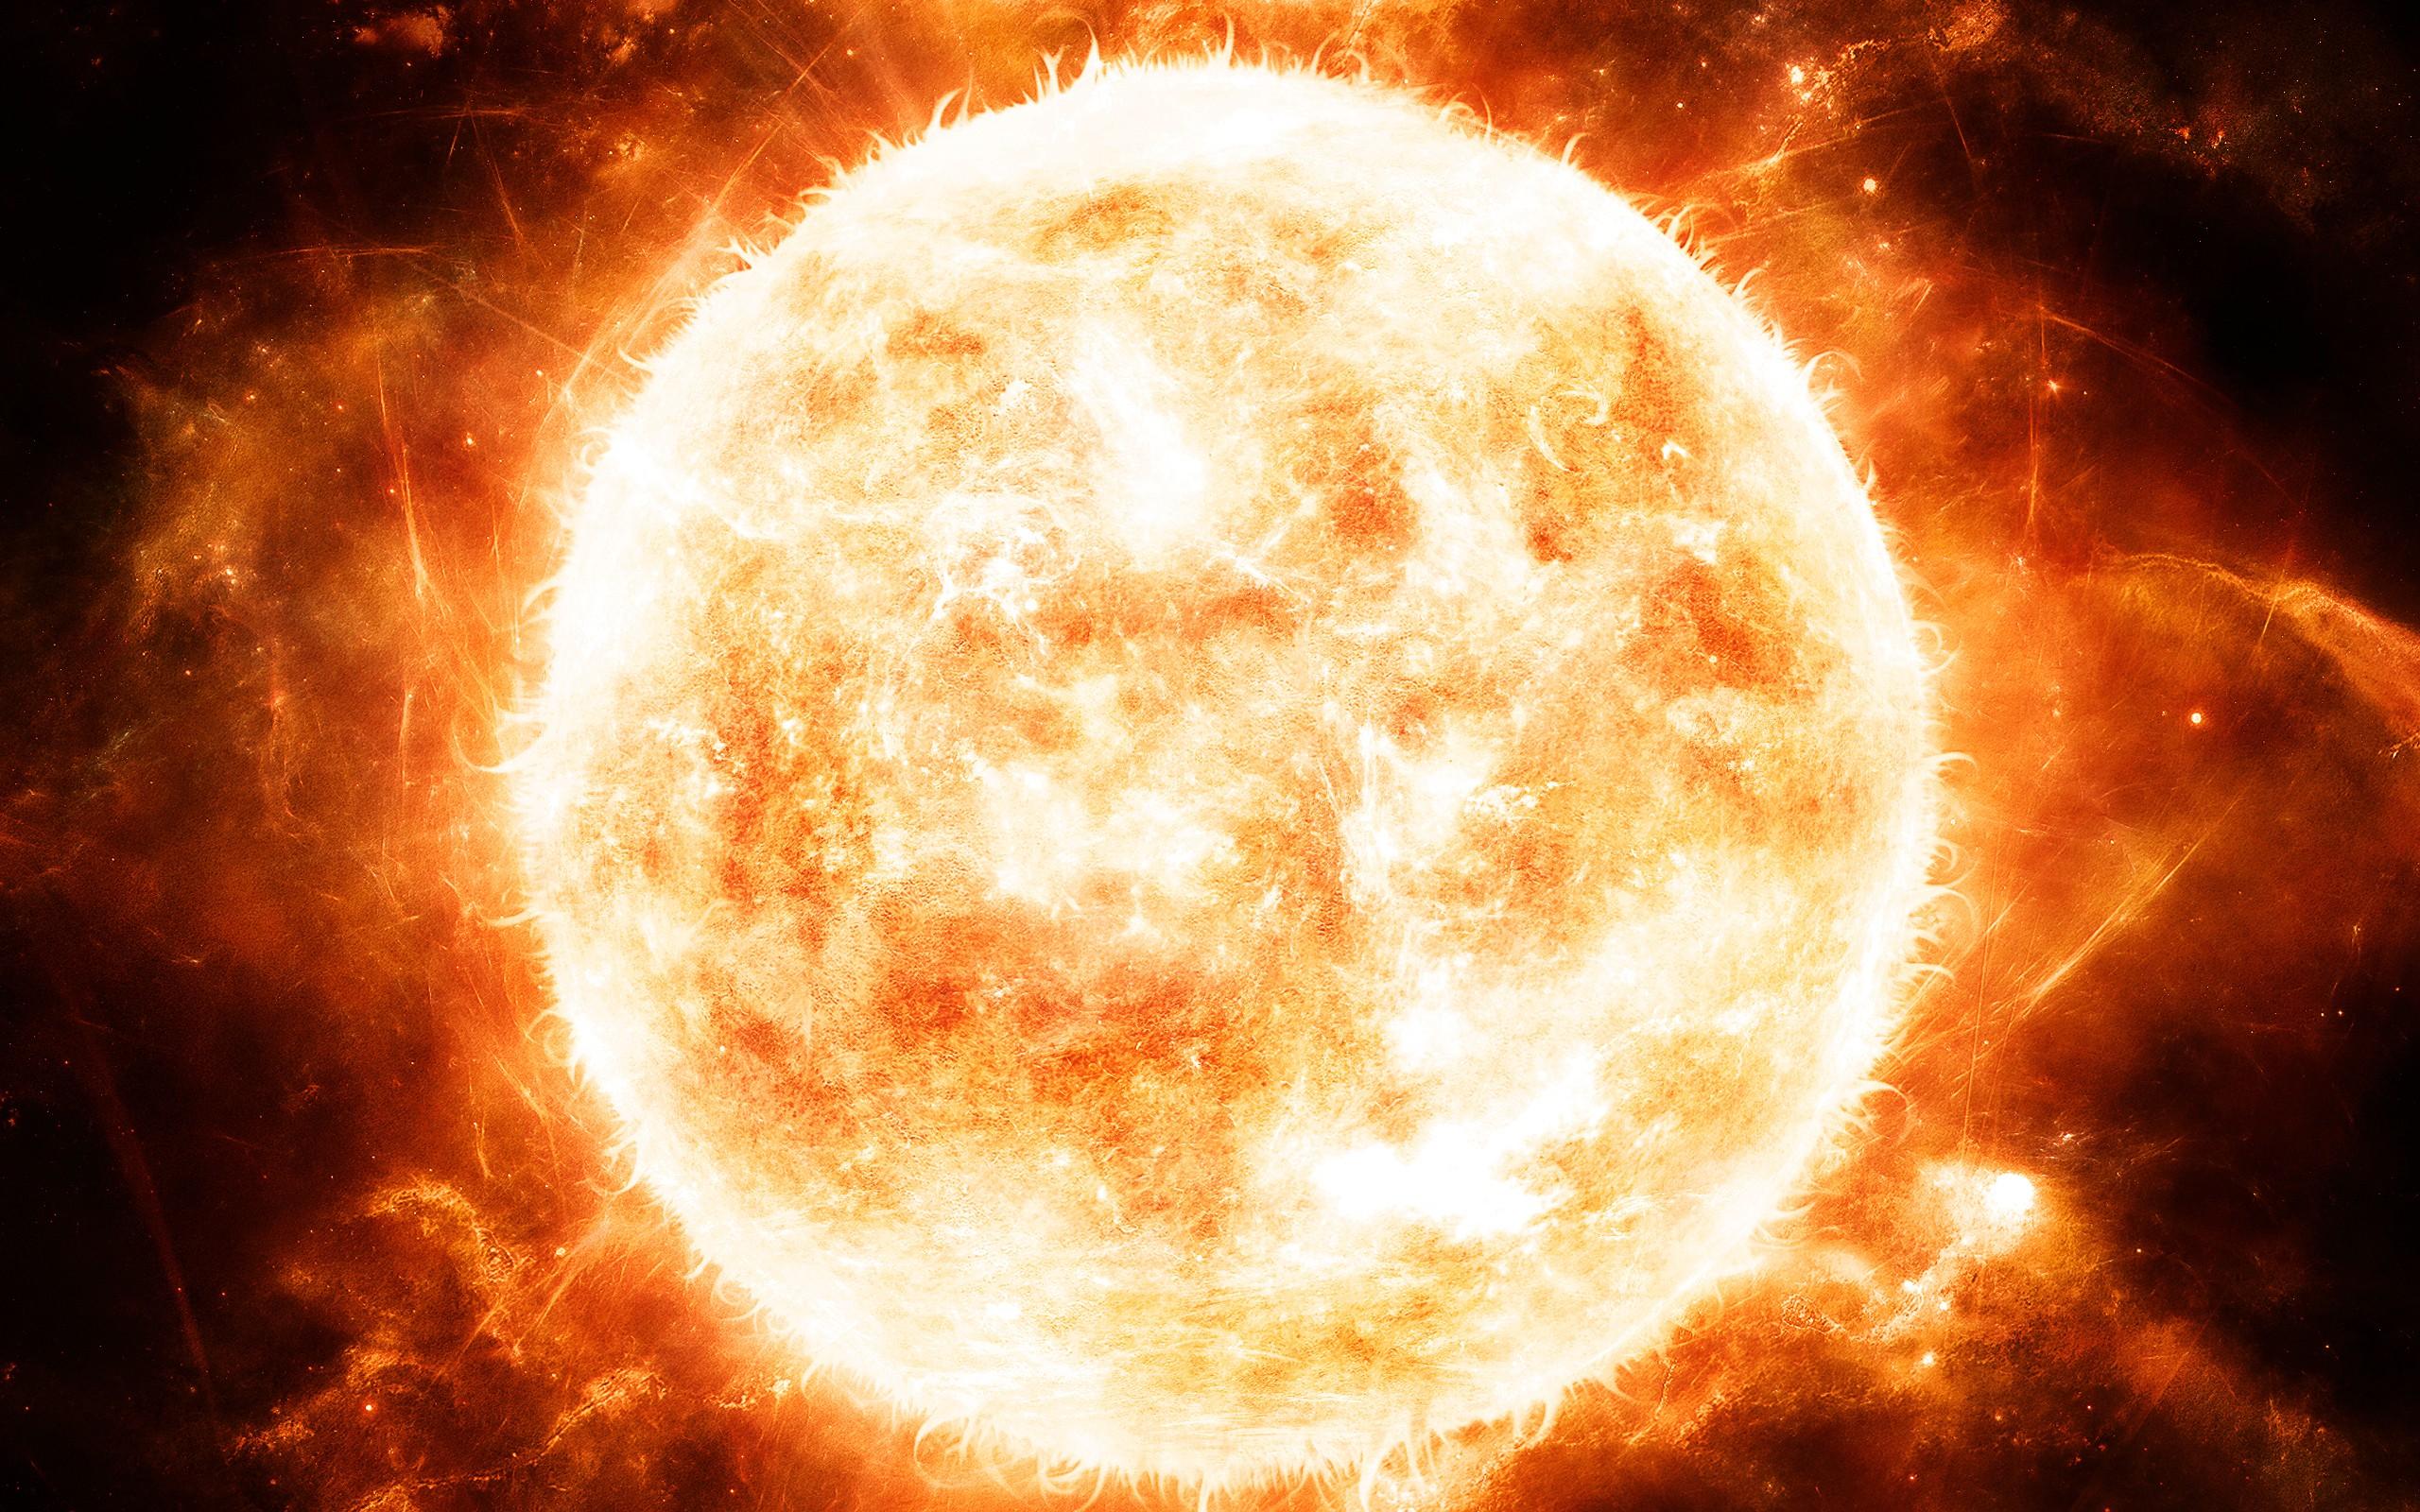 Что произойдет с Солнцем после его «смерти»?